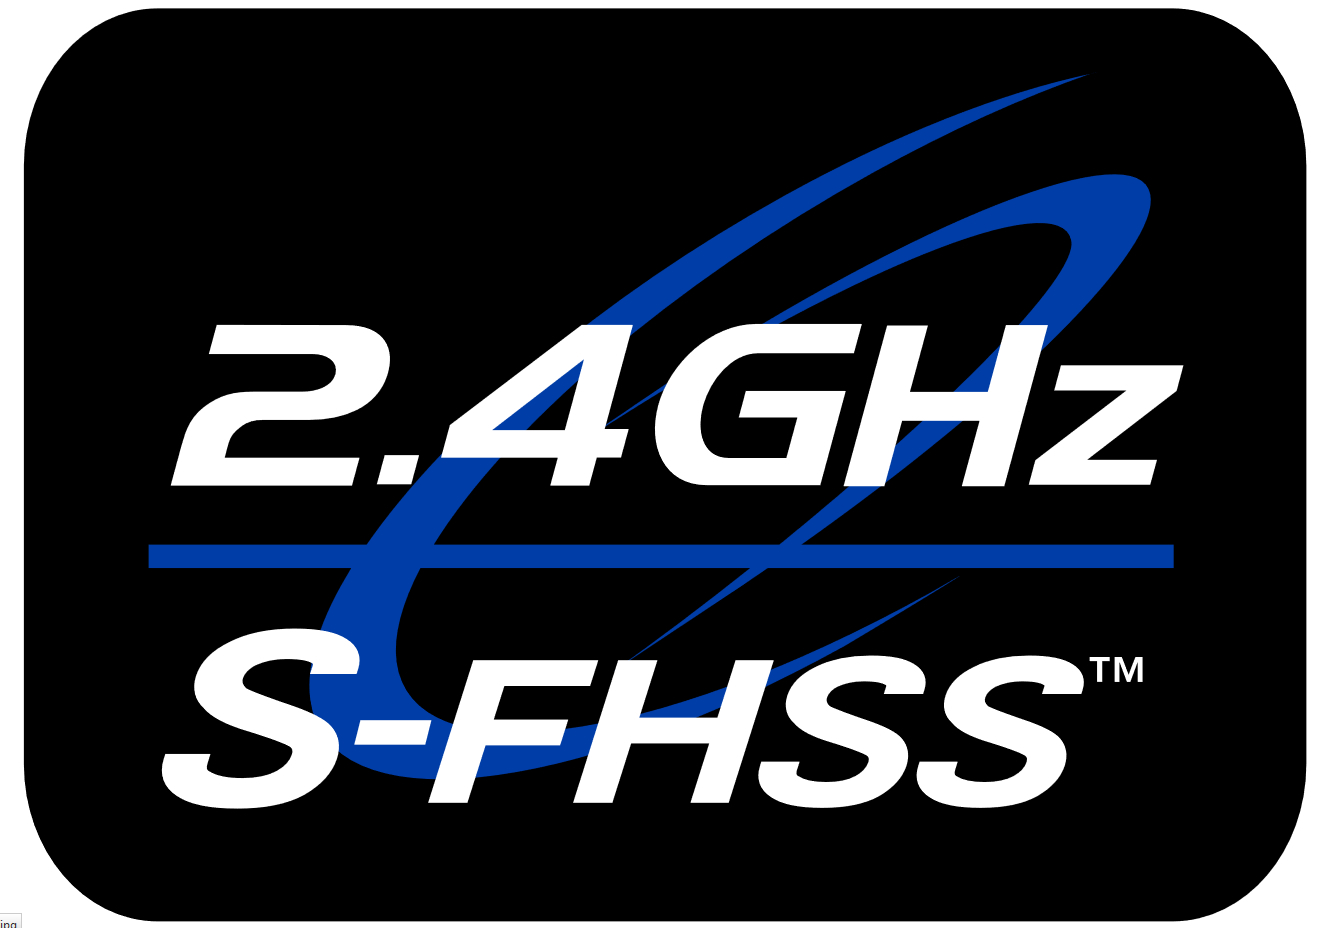 S-FHSS.jpg